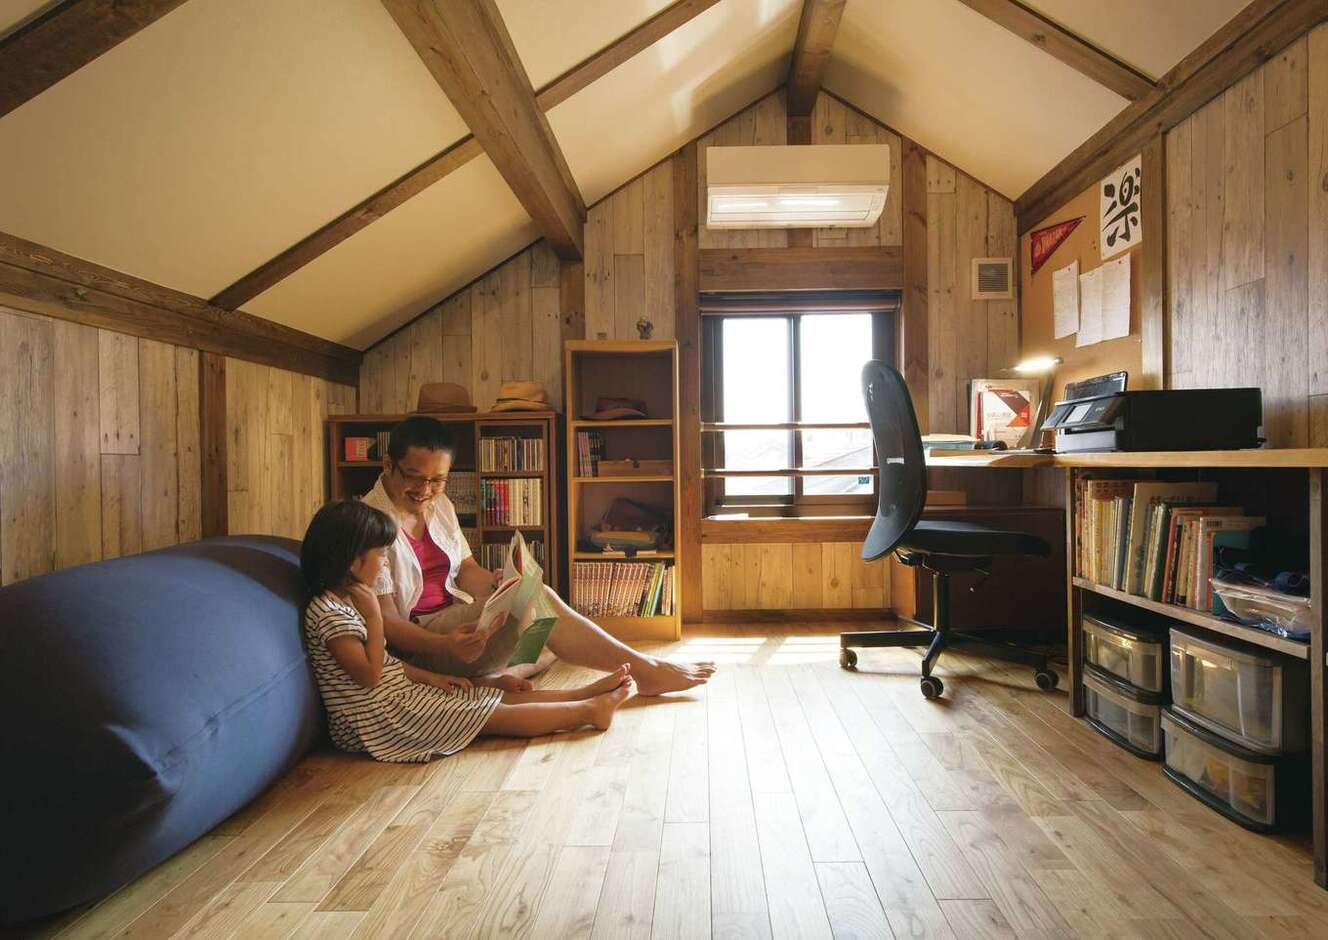 サイエンスホーム甲府店・笛吹店【デザイン住宅、子育て、自然素材】小屋裏にある隠れ家的な空間はご主人の書斎